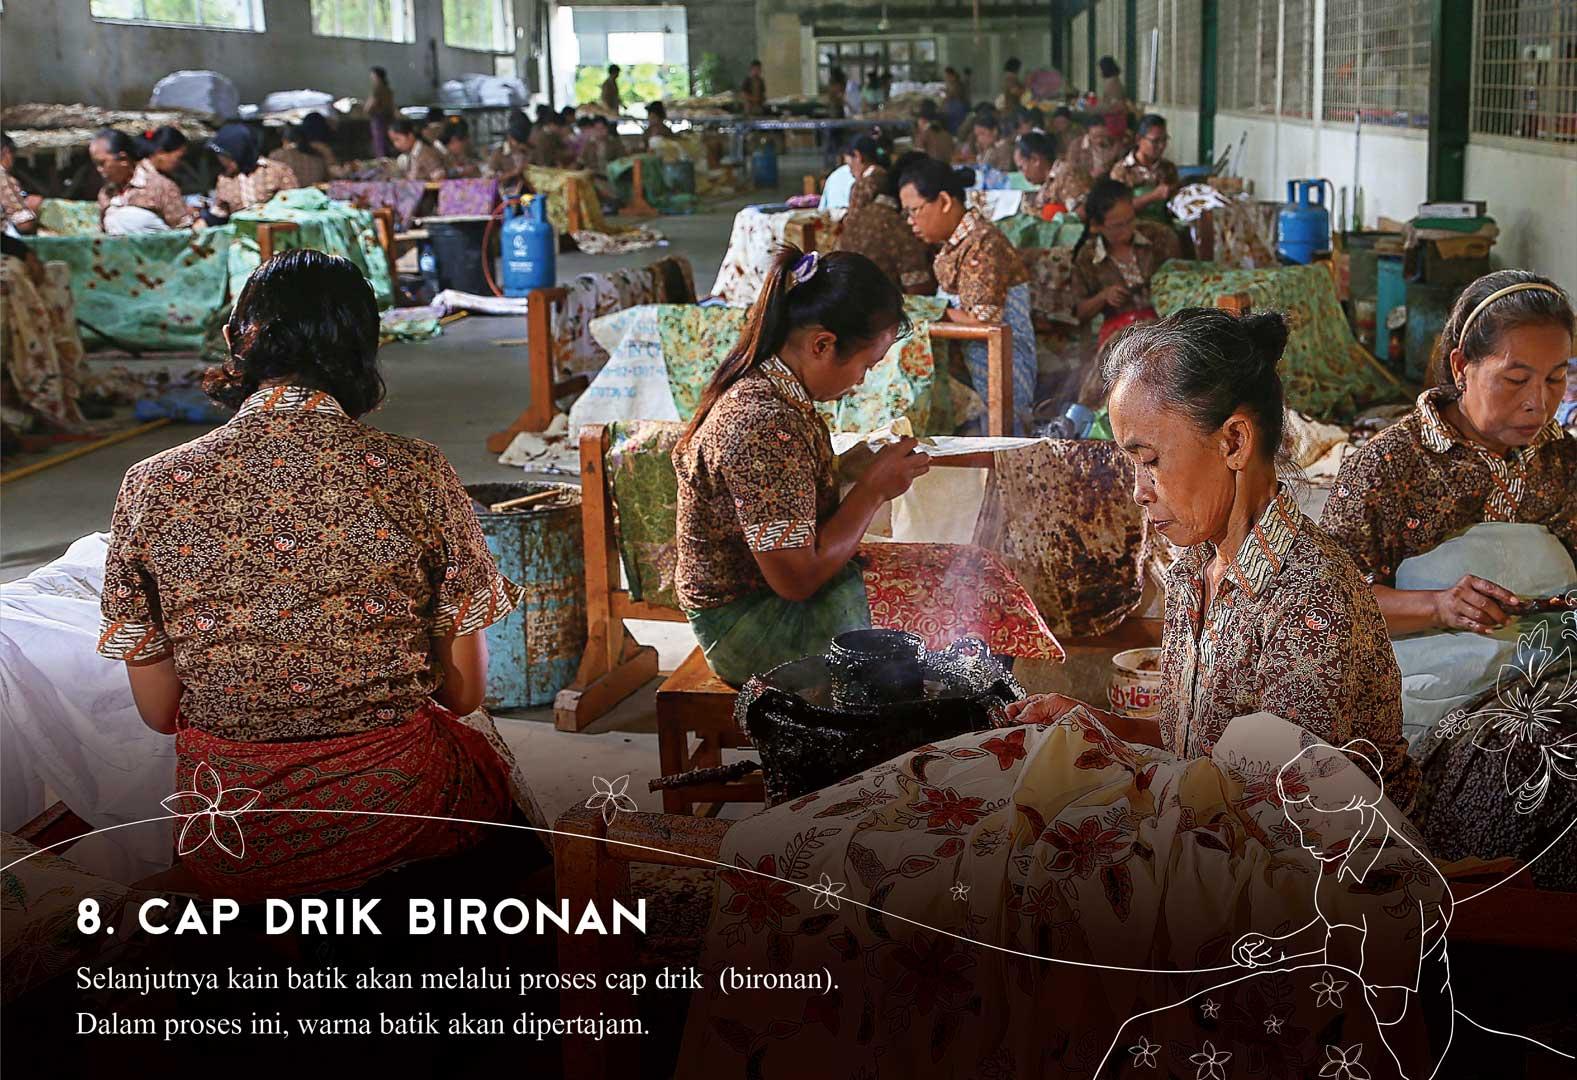 8. Cap Drik Bironan